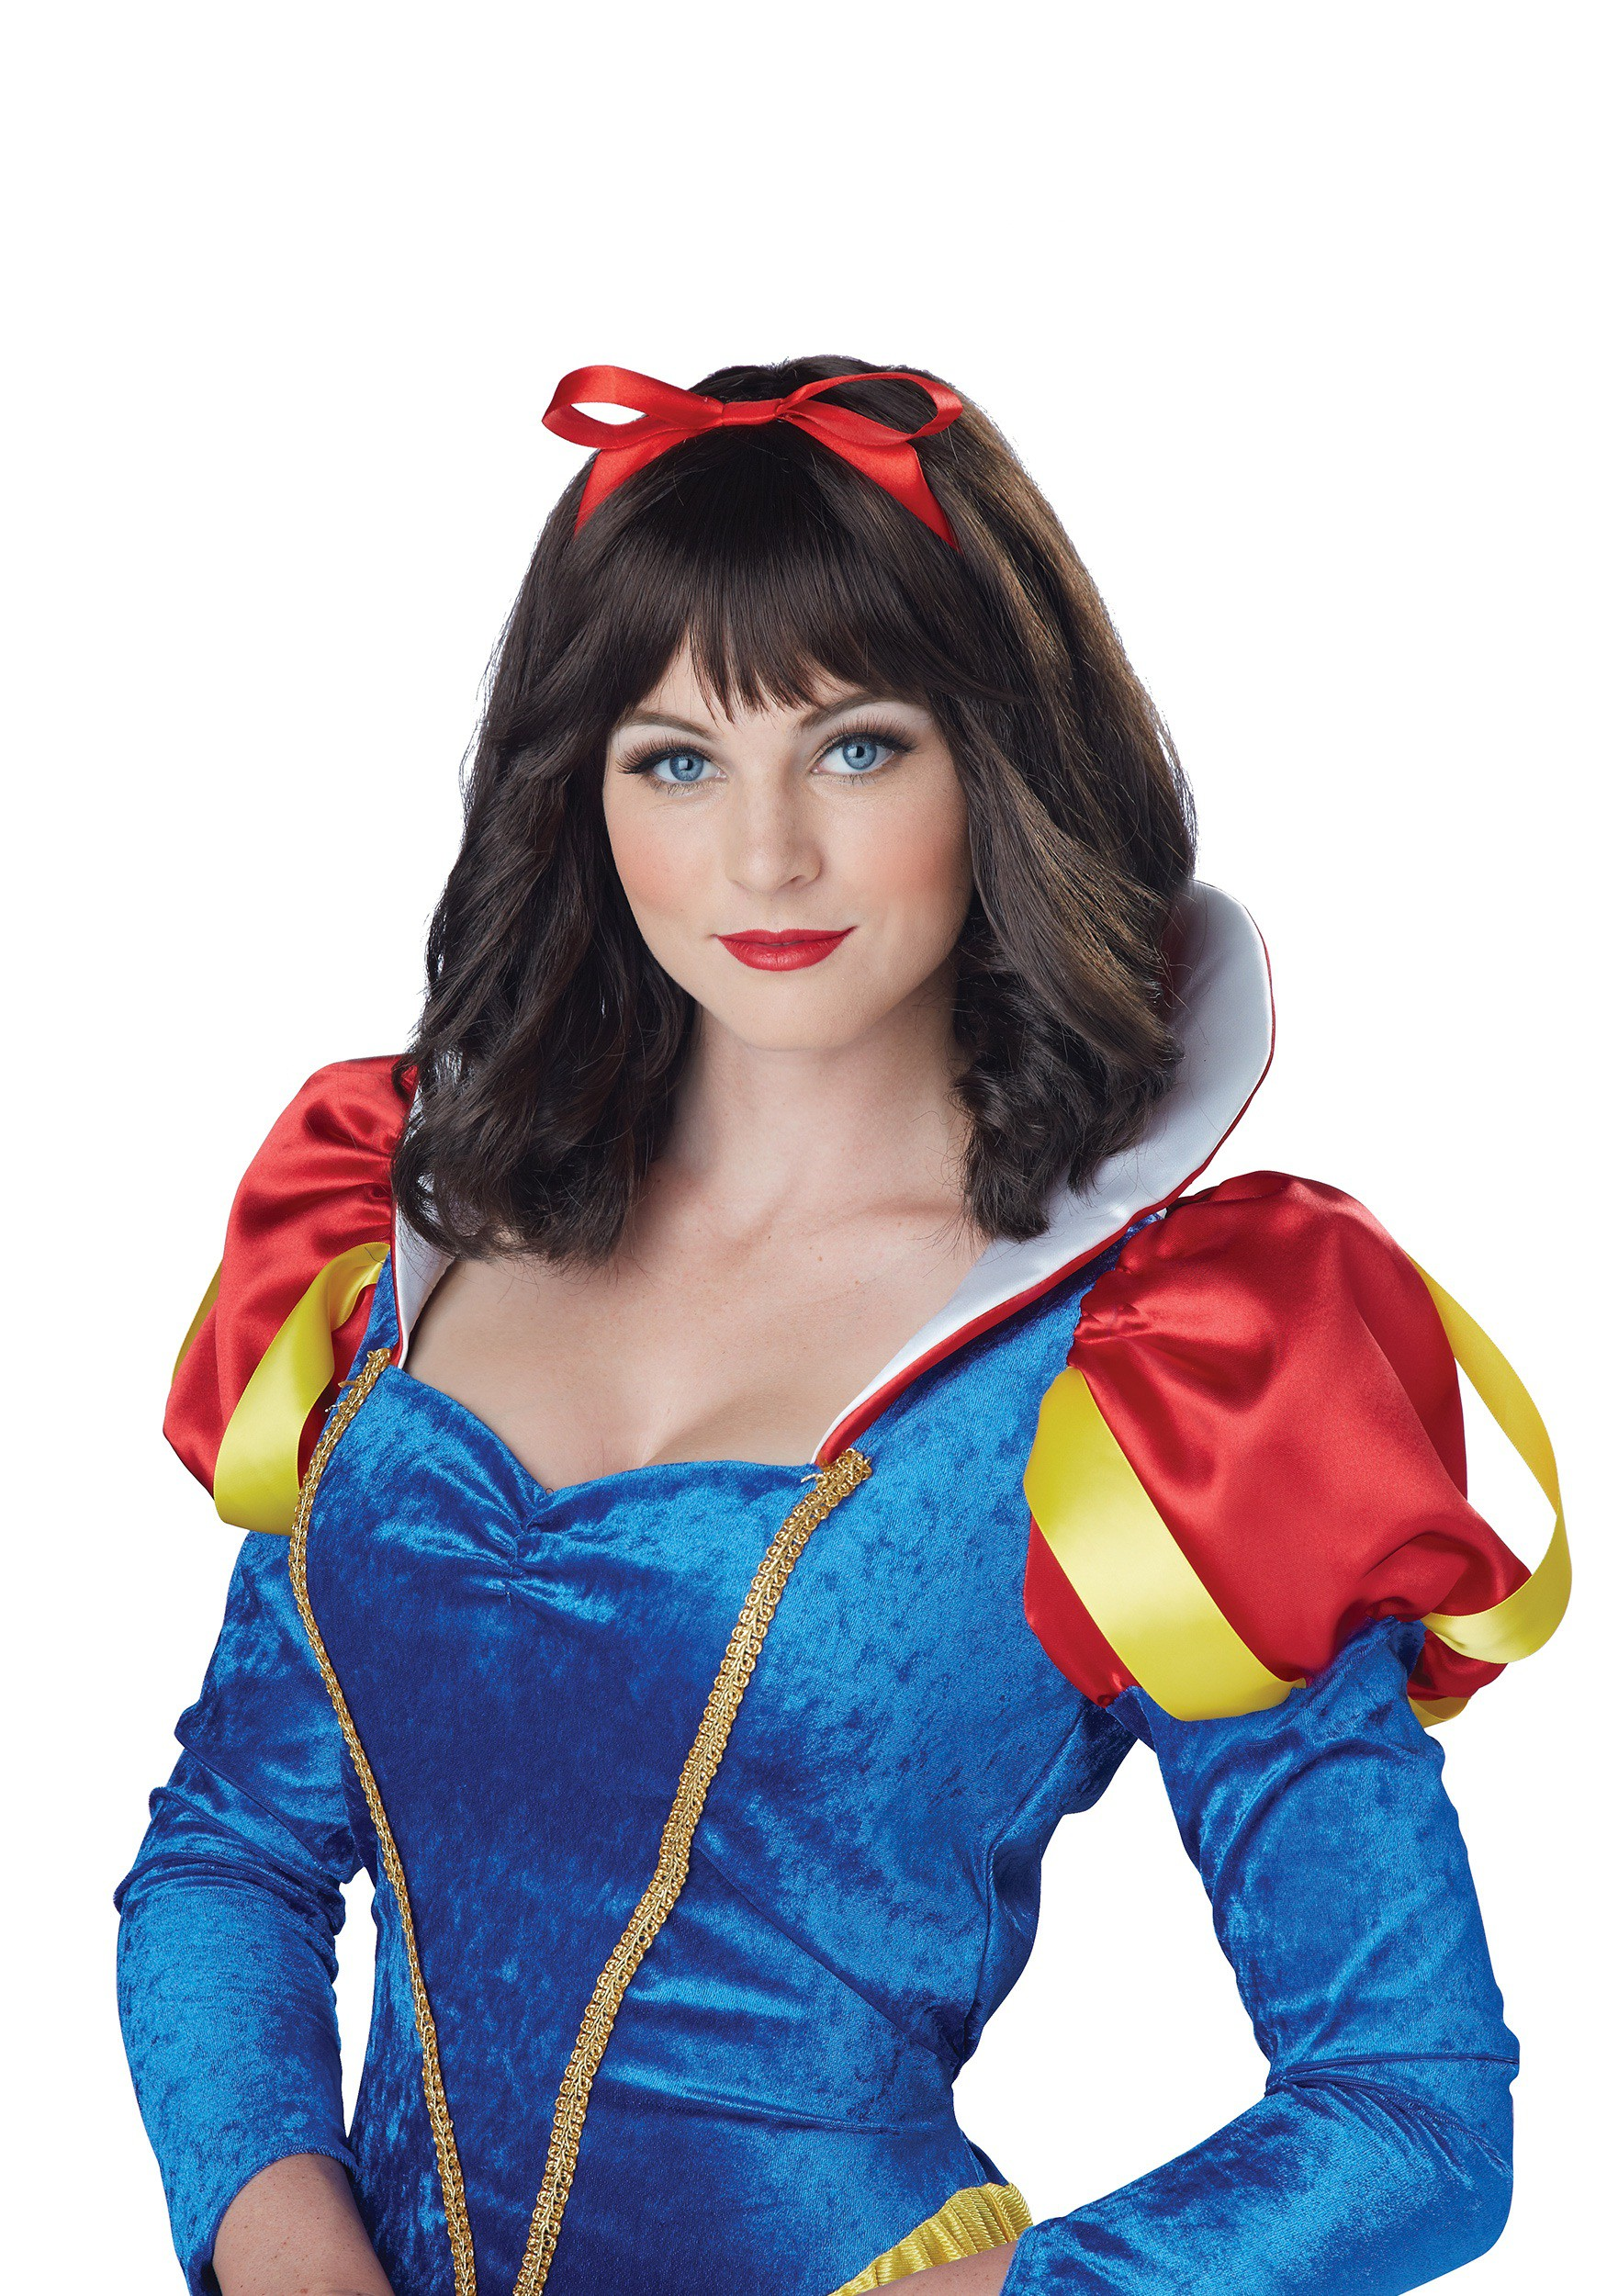 The Evil Queen Halloween Costume